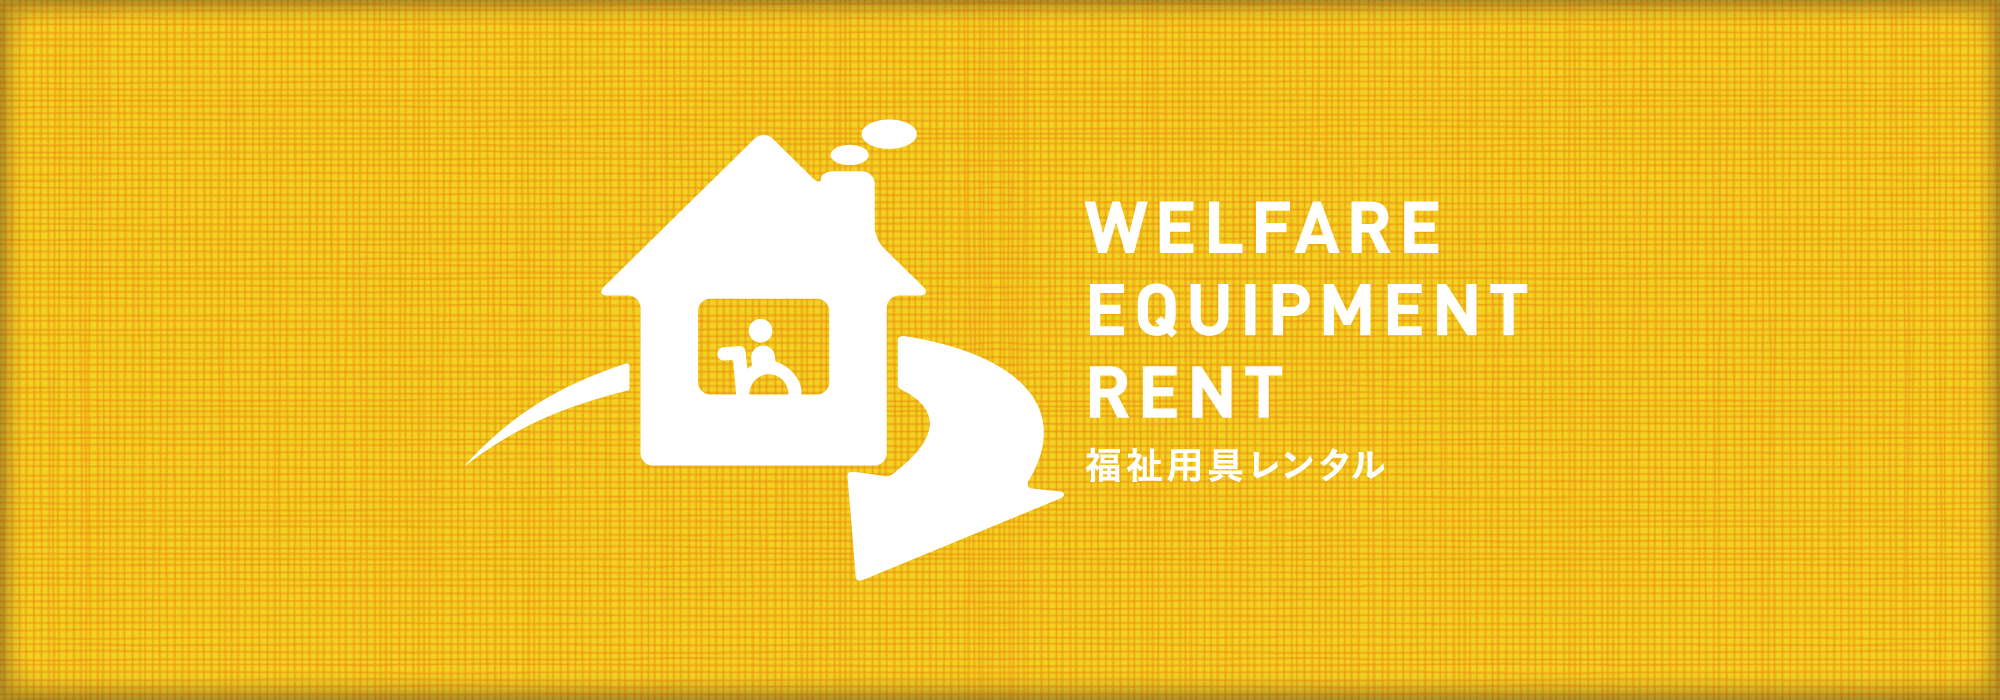 WELFARE EQUIPMENT RENT 福祉用具レンタル